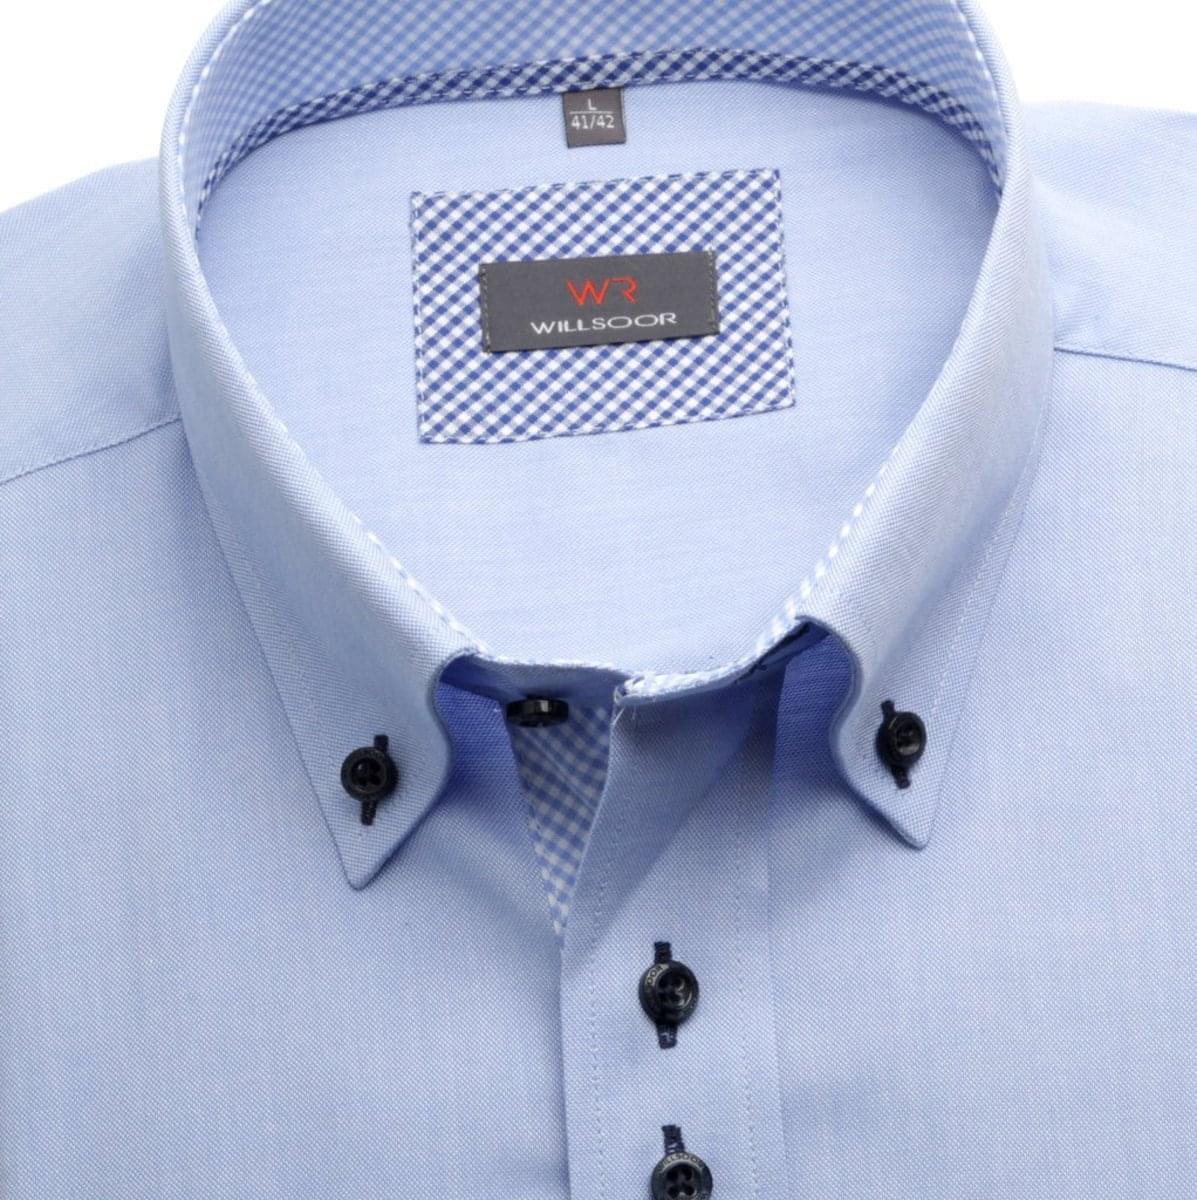 Košile WR Slim Fit (výška 176-182)4180 176-182 / XL (43/44)